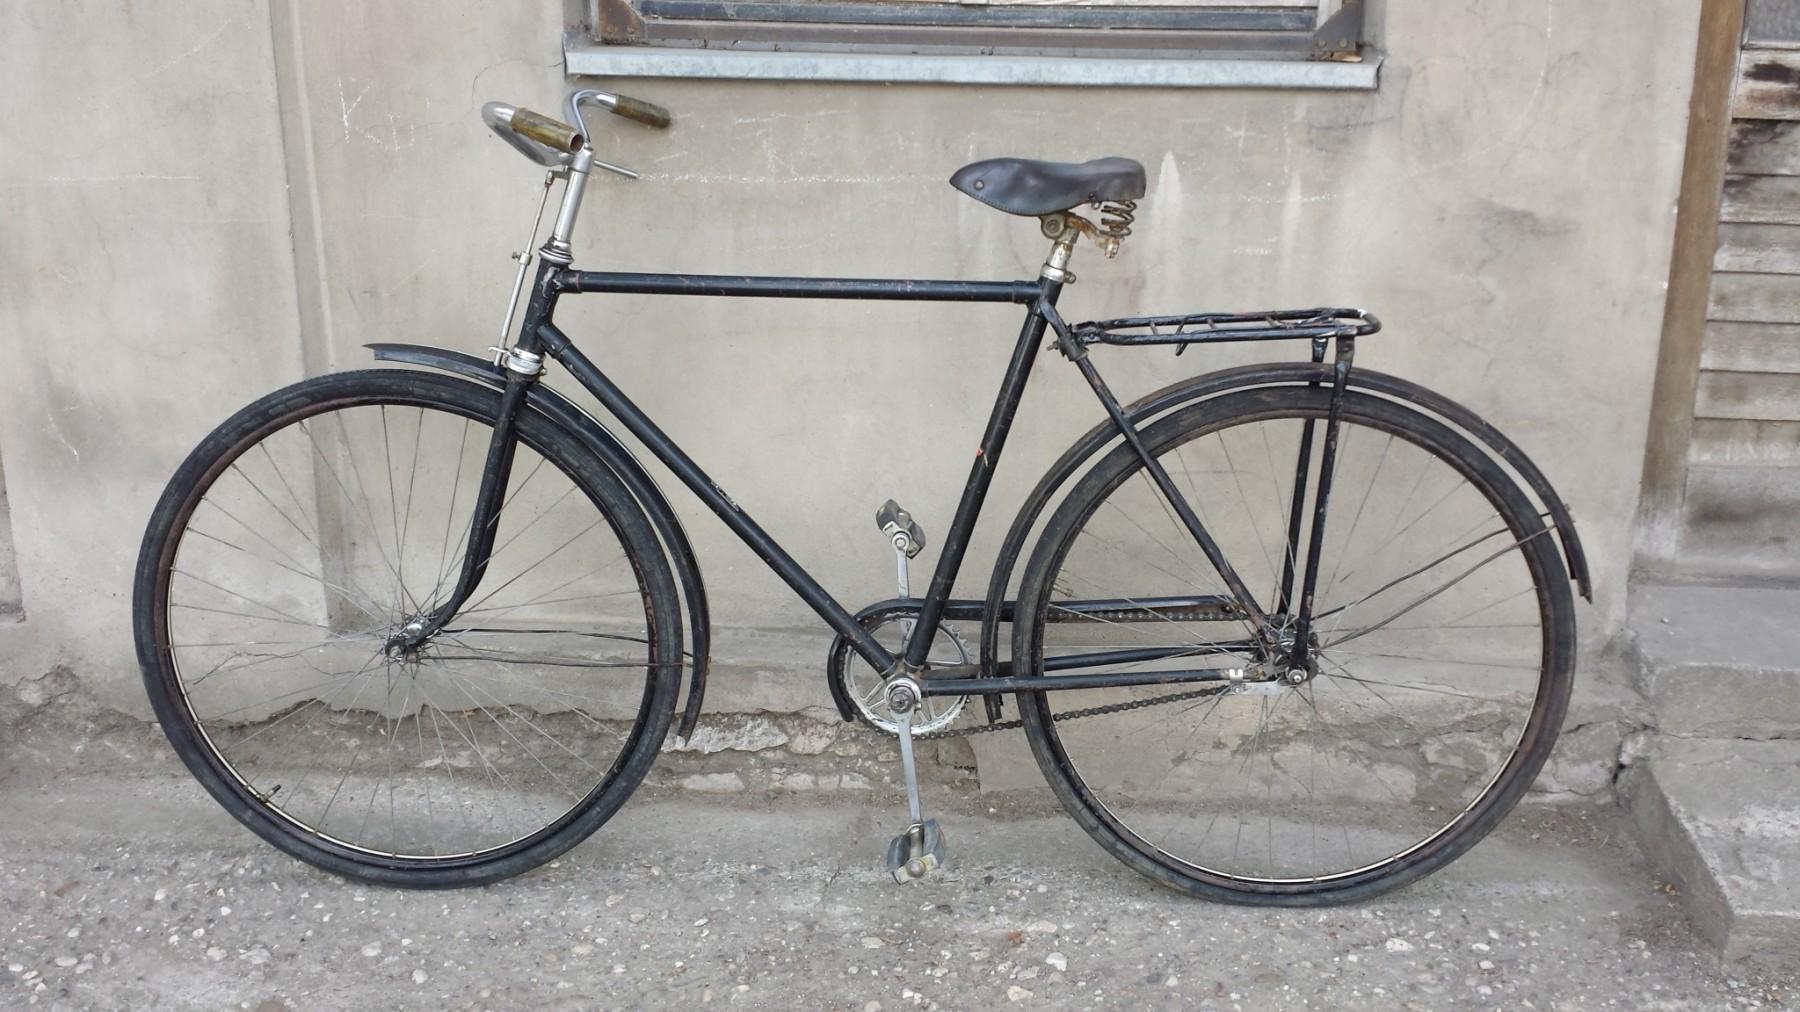 originalslika_-Stari-nemacki-bicikl--85636997